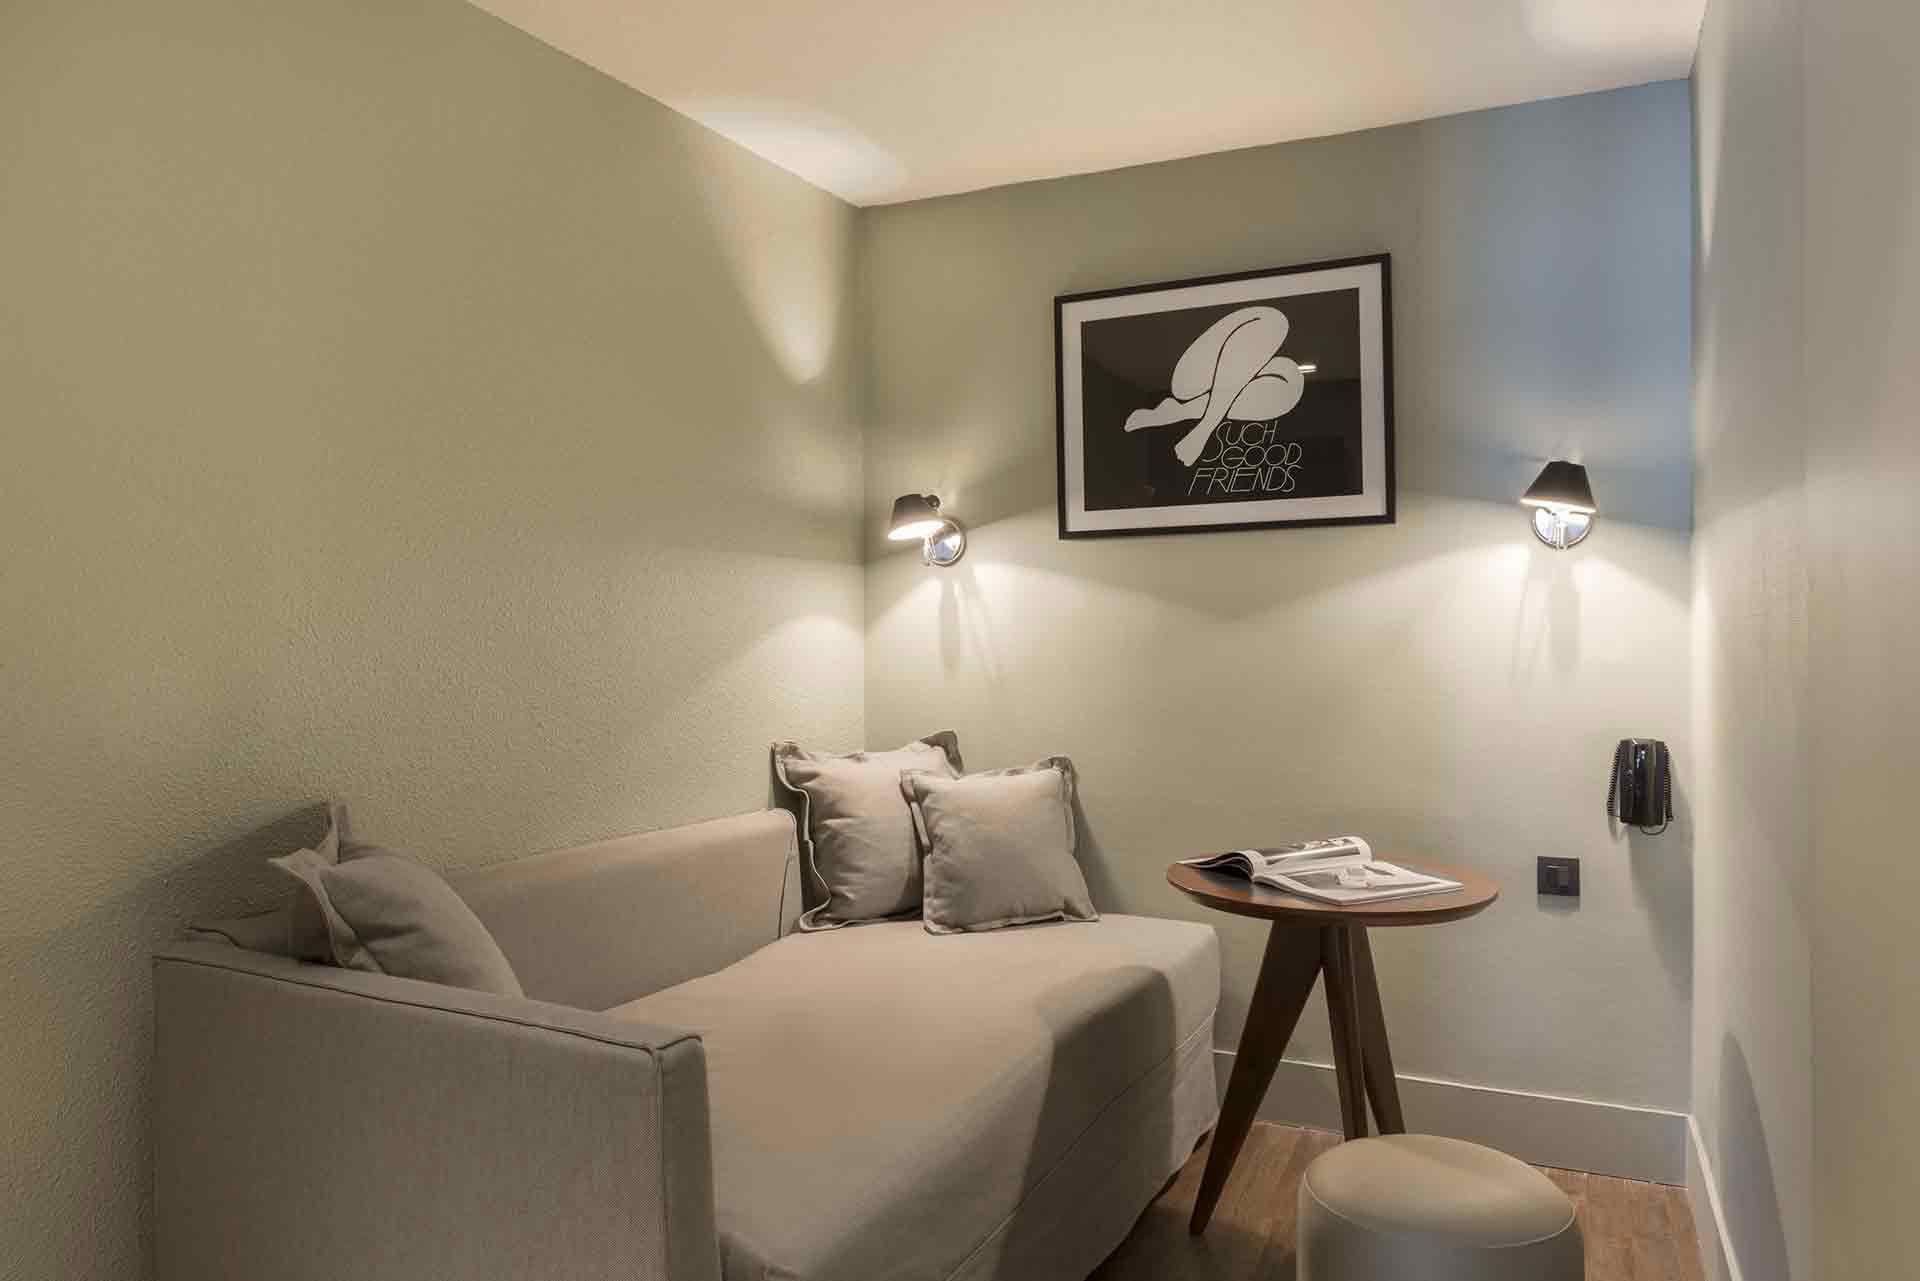 Images For Chambre Quadruple Paris Montmartre Desktophddesignwall3dga